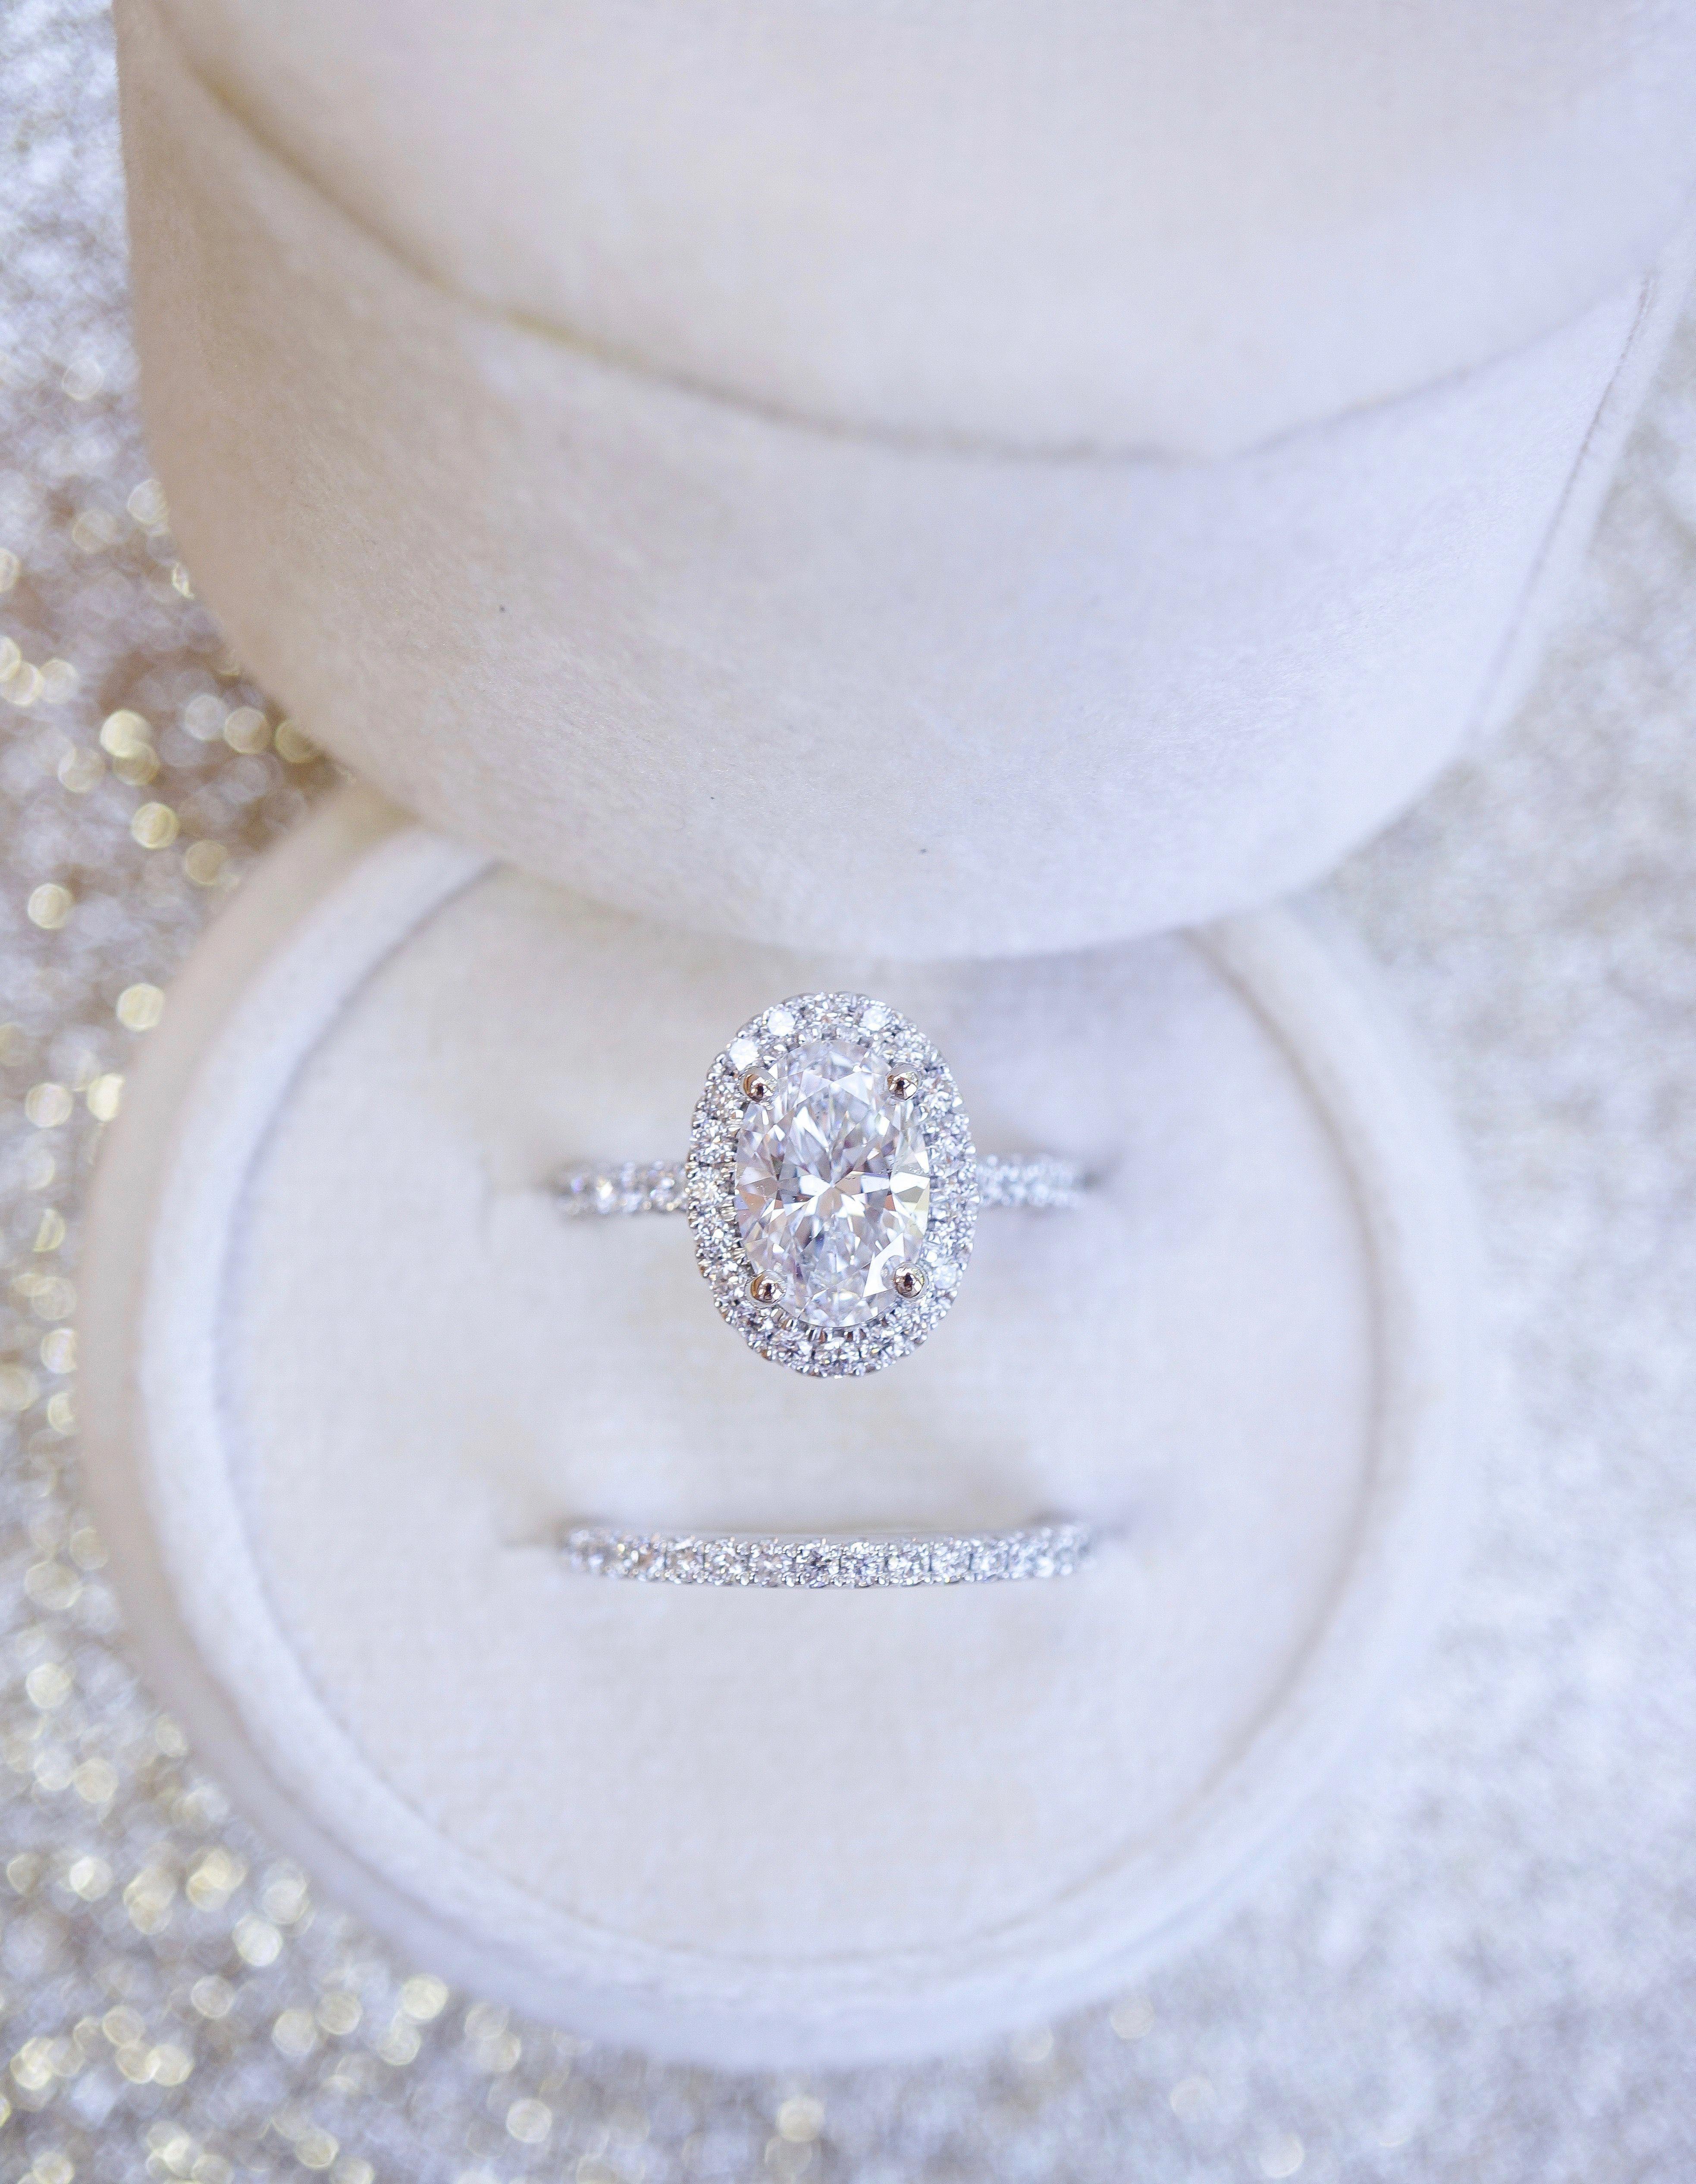 Pink Tourmaline Ring Set 14k Rose Gold Diamond Wedding Band 5mm